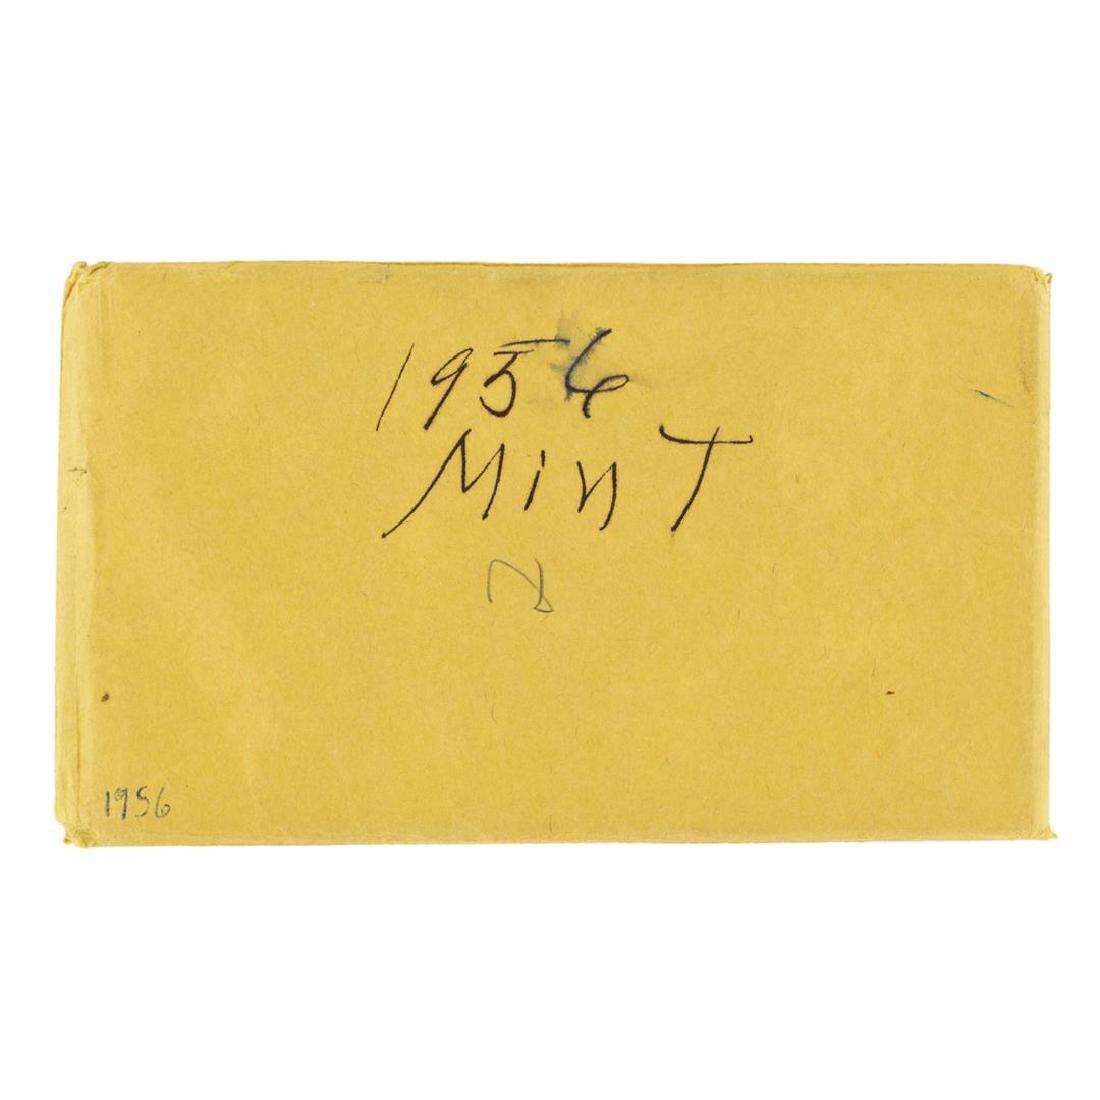 1956 P/D U.S. Double Mint Set - 2